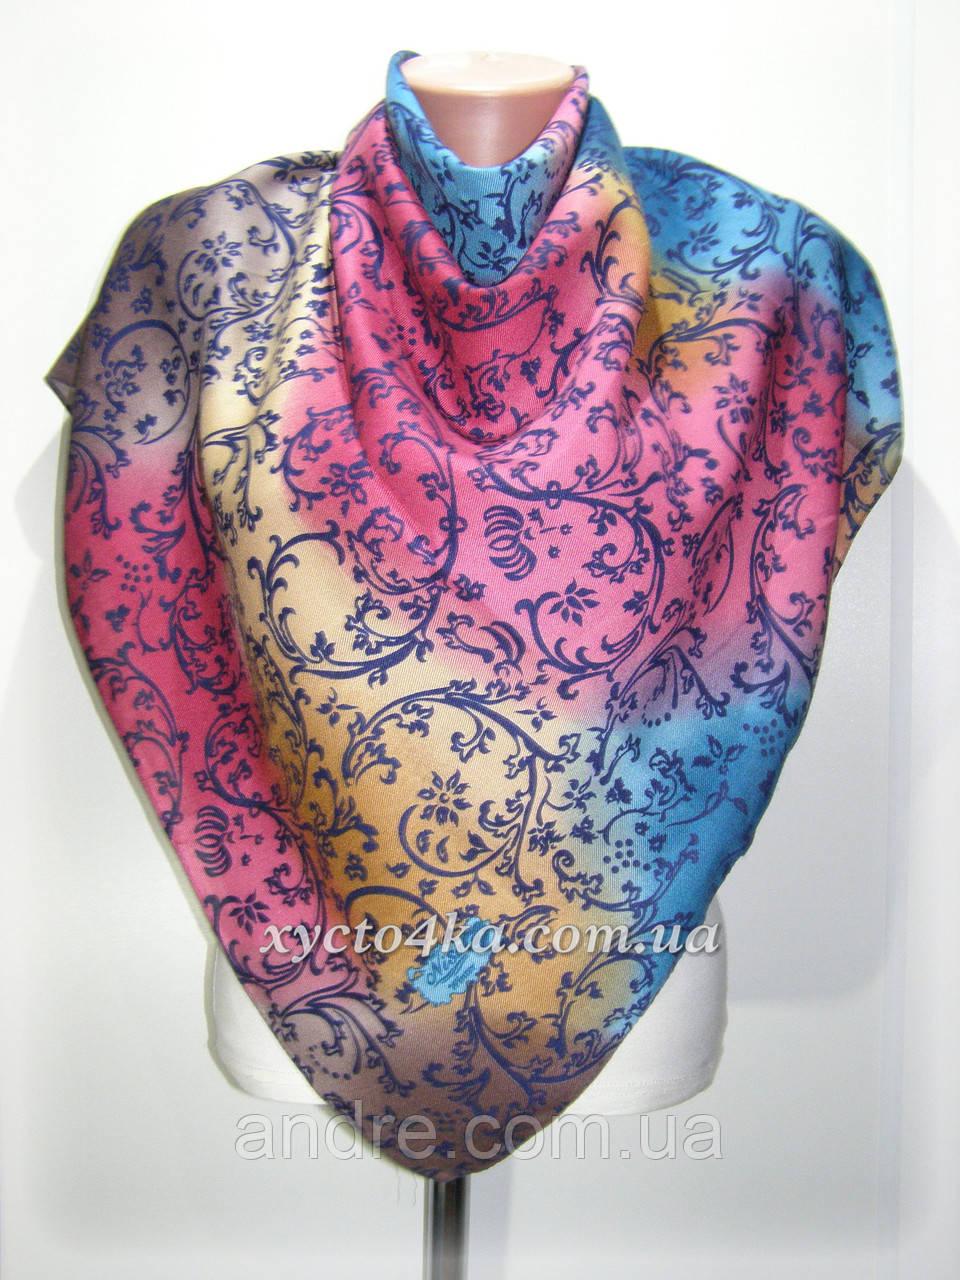 Кашемировый платок винтаж, малиновый